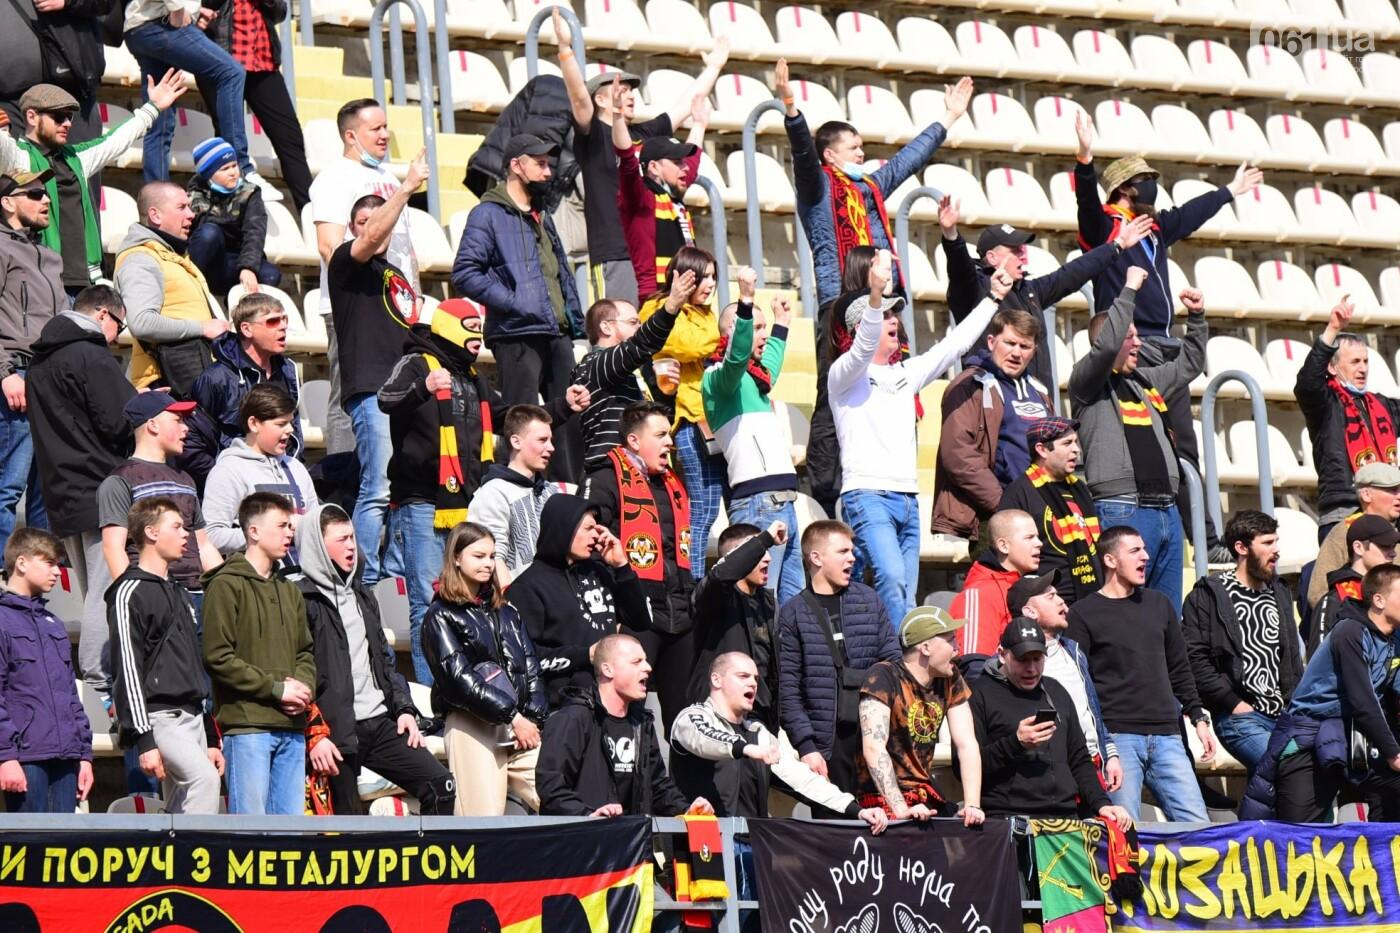 """МФК """"Металлург"""" одержал самую крупную победу в сезоне - фанаты отметили успех зажжеными файерами, - ФОТО, фото-1"""